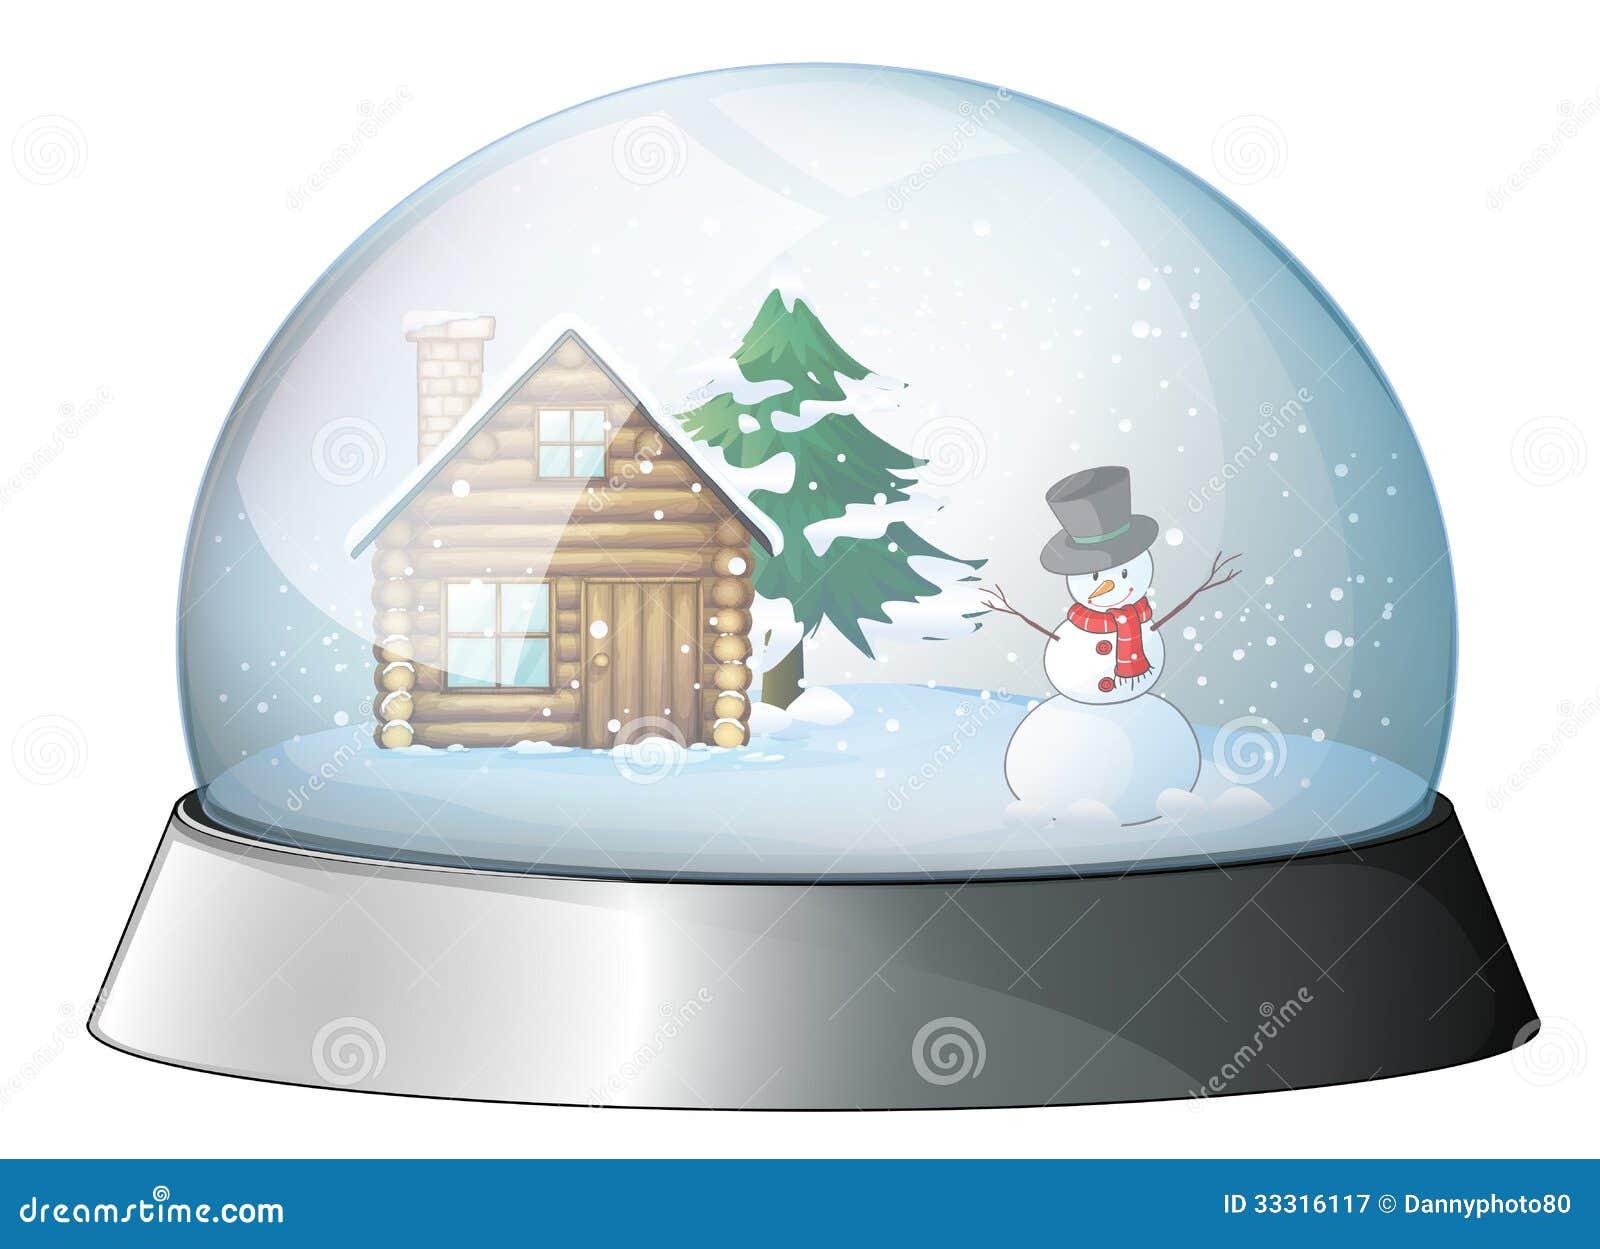 Una casa y un mu eco de nieve dentro de la bola de cristal - Bola nieve cristal ...